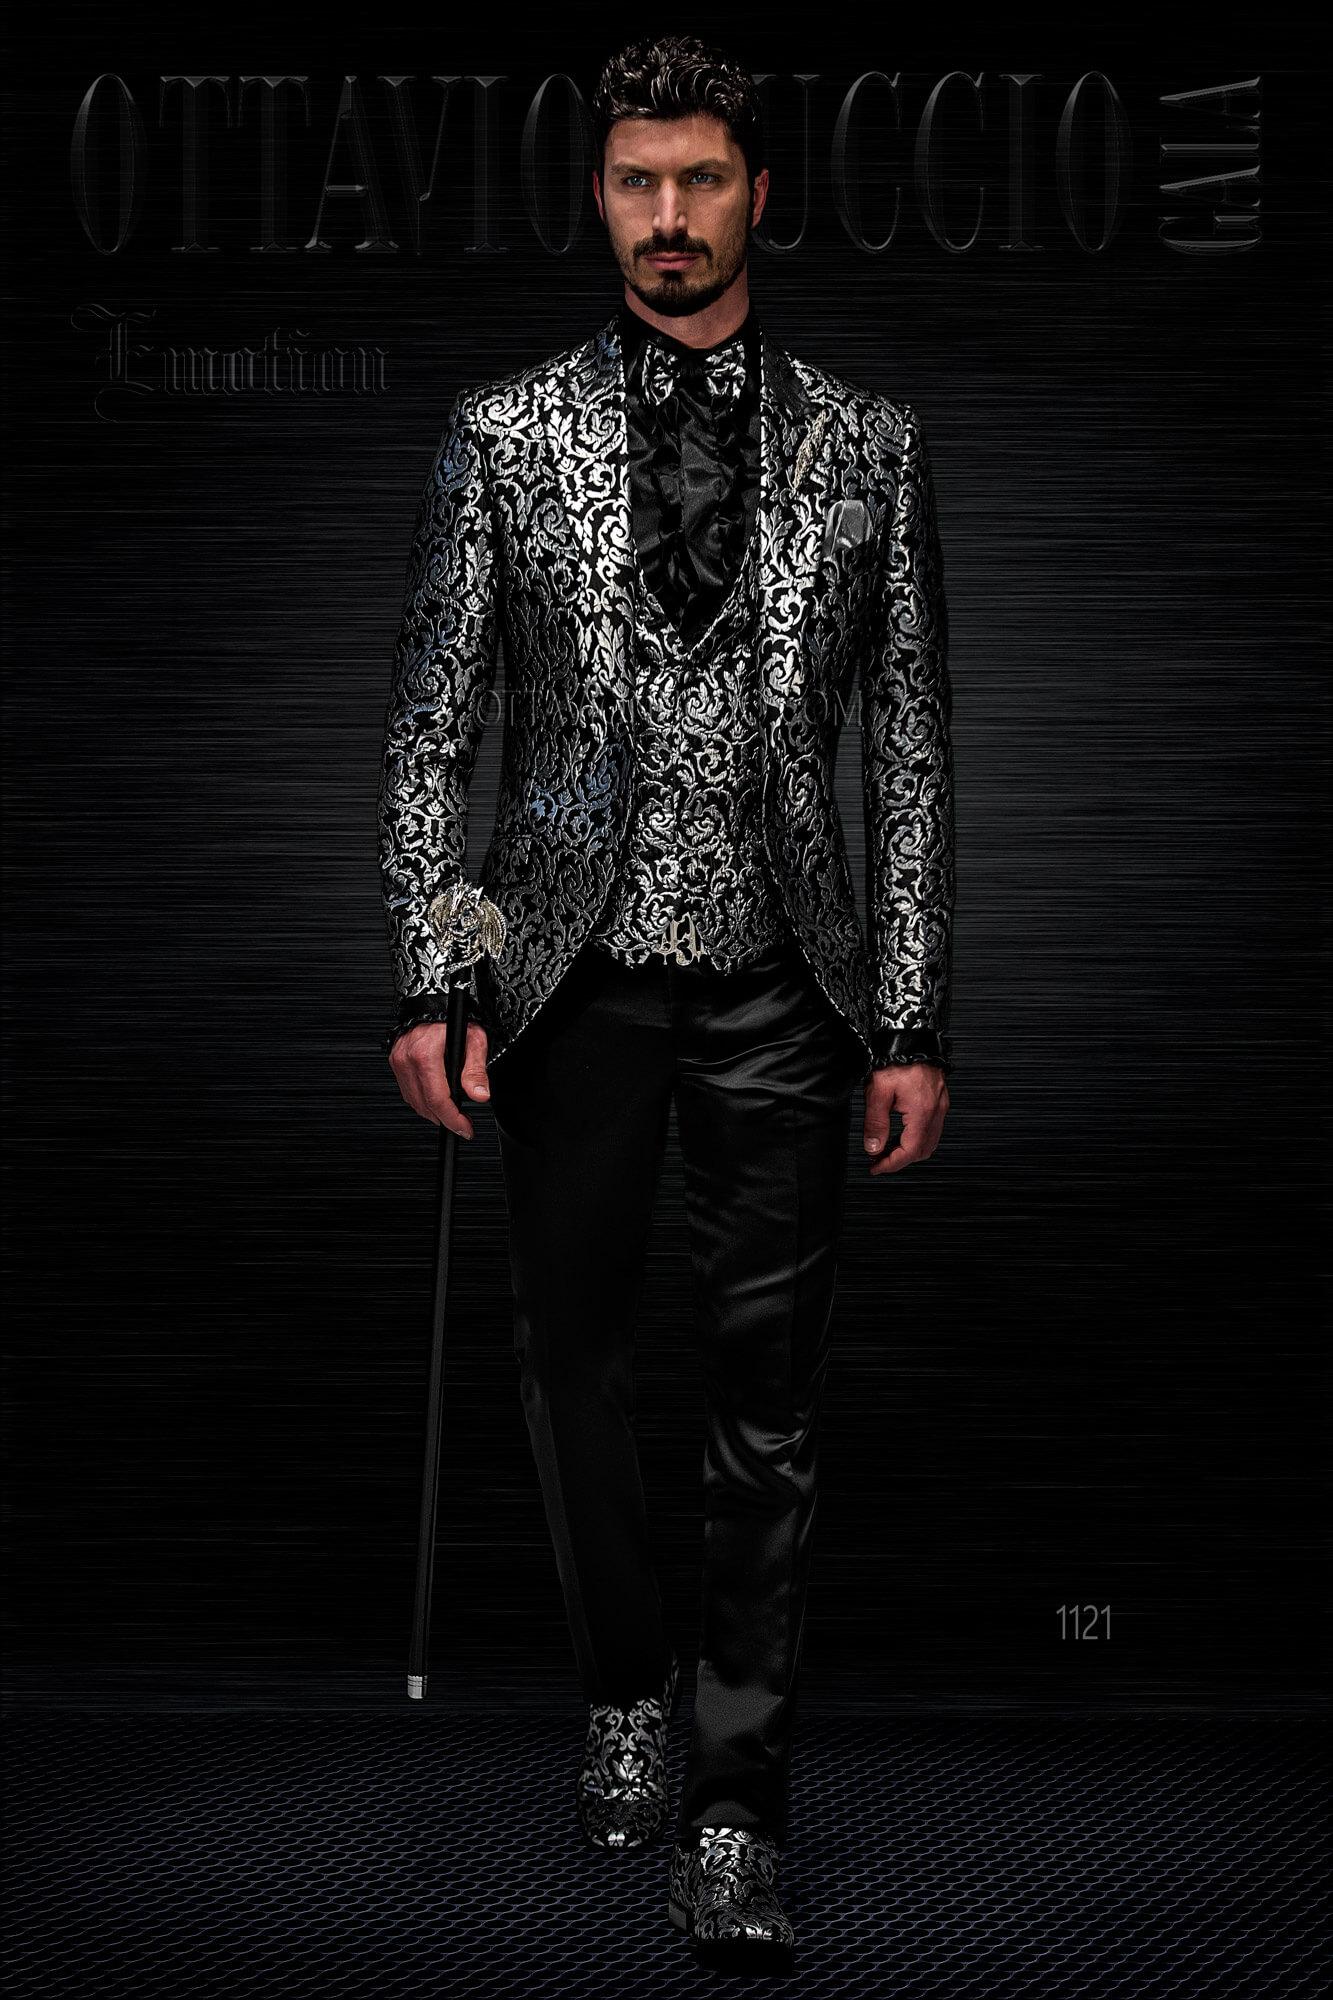 100% autentico cd839 92f83 Abito sposo con giacca damascata nero e argento